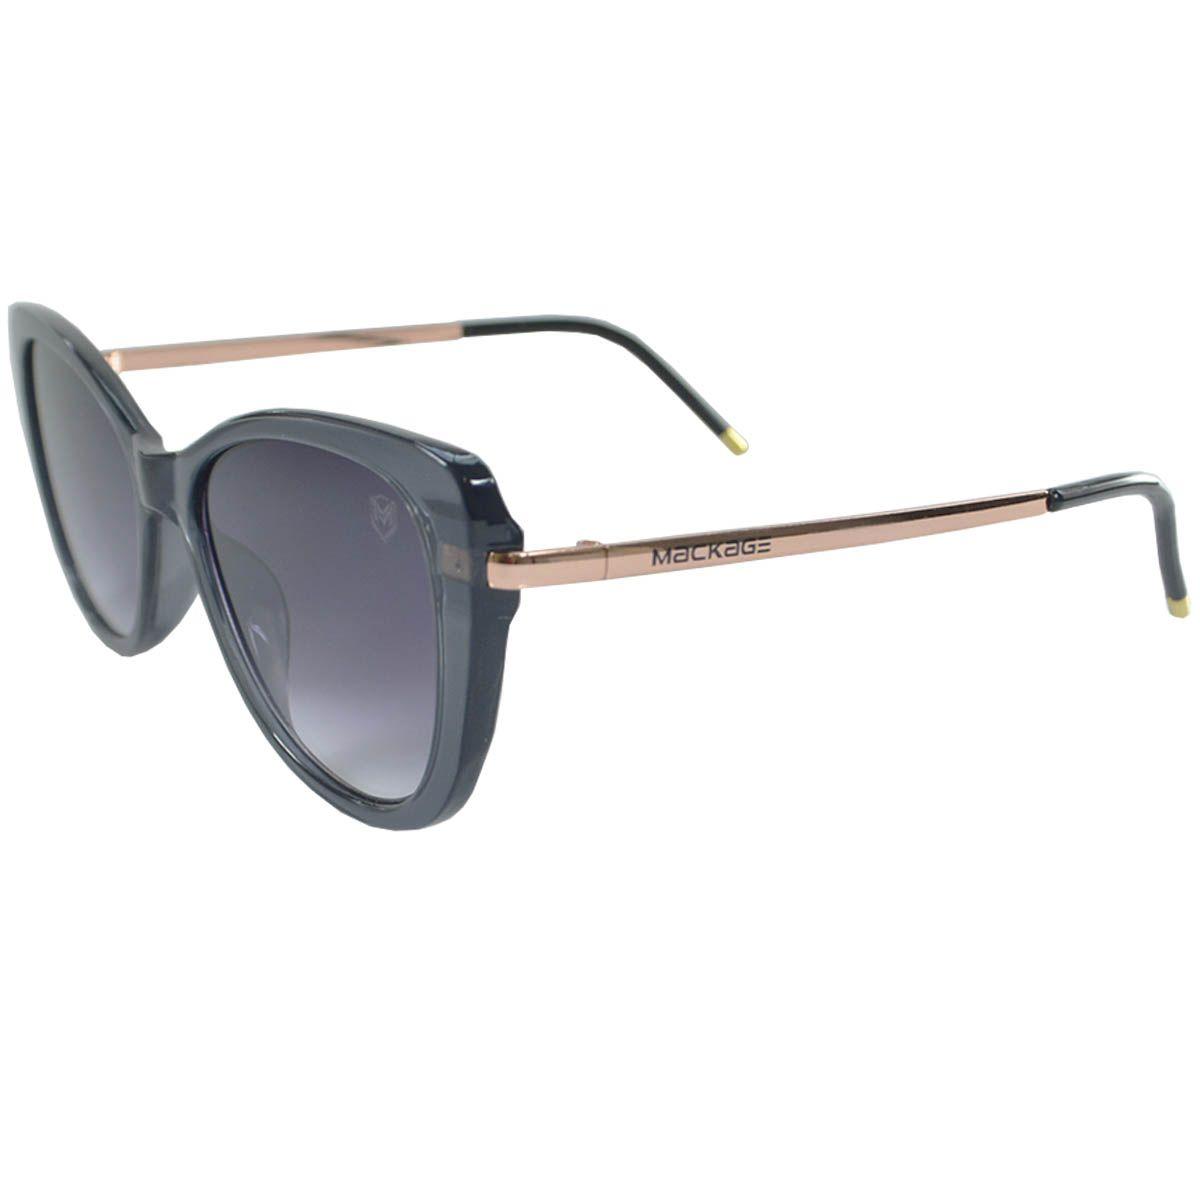 Óculos De Sol Mackage Feminino Acetato/Metal Gateado - Cinza